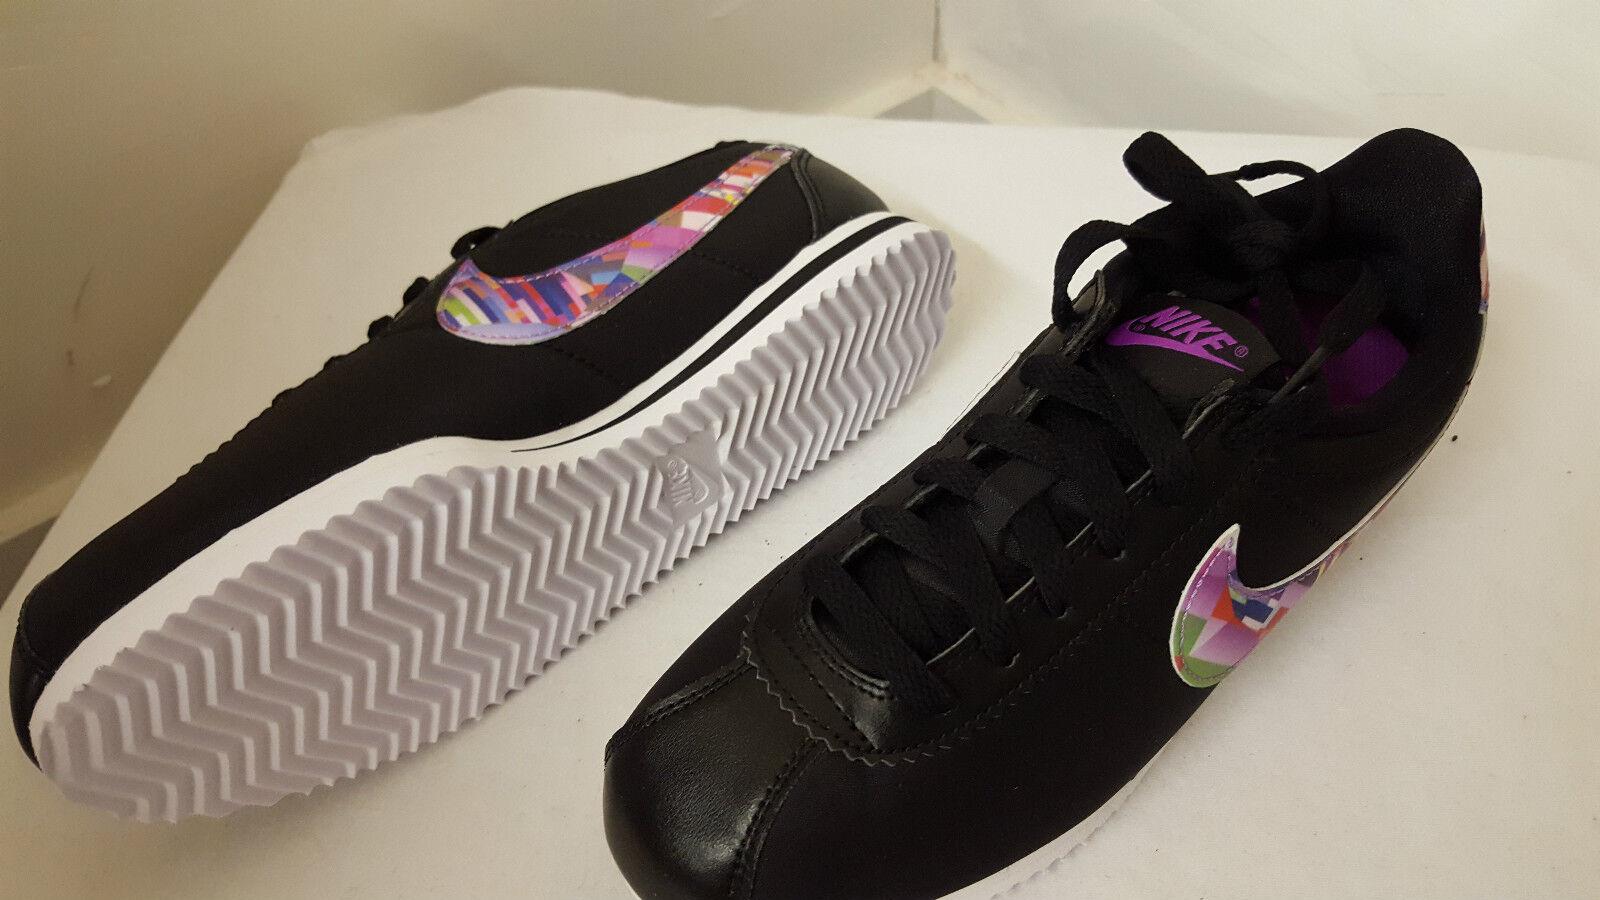 Bnib nike donne   bambini neri cortez nylon nylon nylon print (gs) rif 859564 001 | Altamente elogiato e apprezzato dal pubblico dei consumatori  e55579